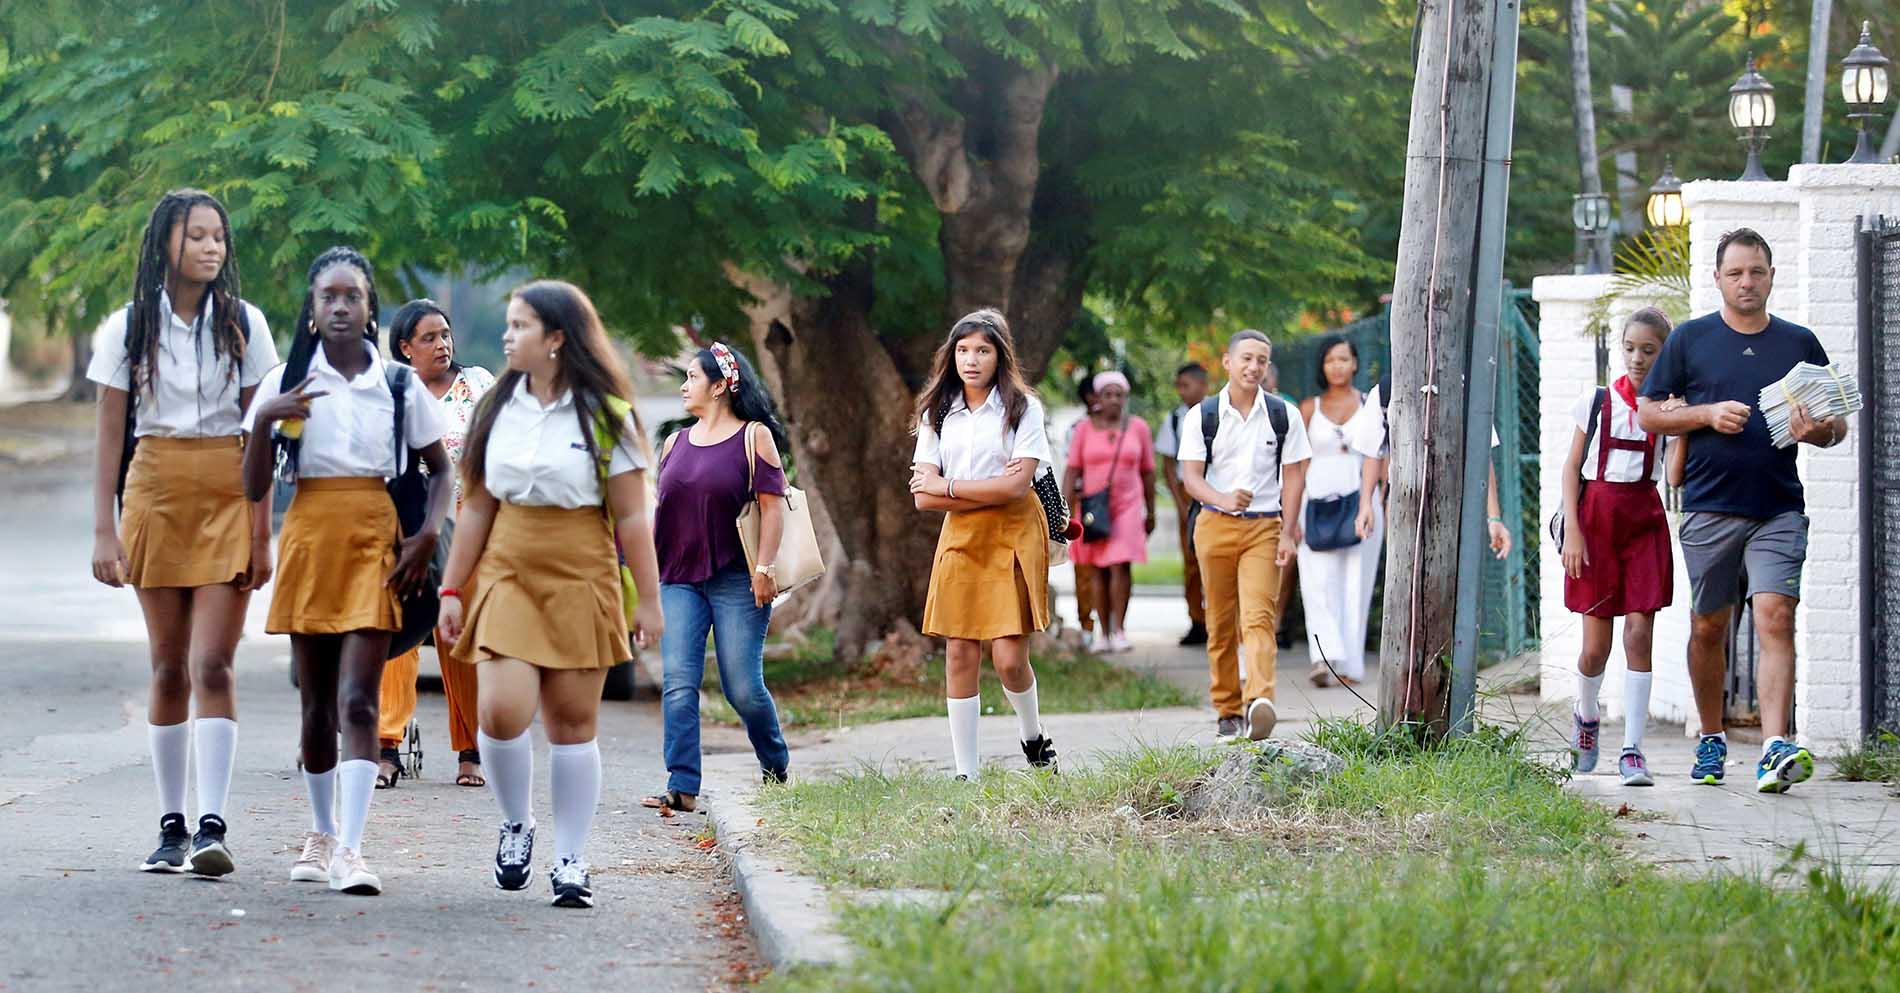 Niños caminan para asistir a sus escuelas para el inicio del curso escolar, el lunes 2 de septiembre de 2019 en La Habana. Foto: Ernesto Mastrascusa / EFE.